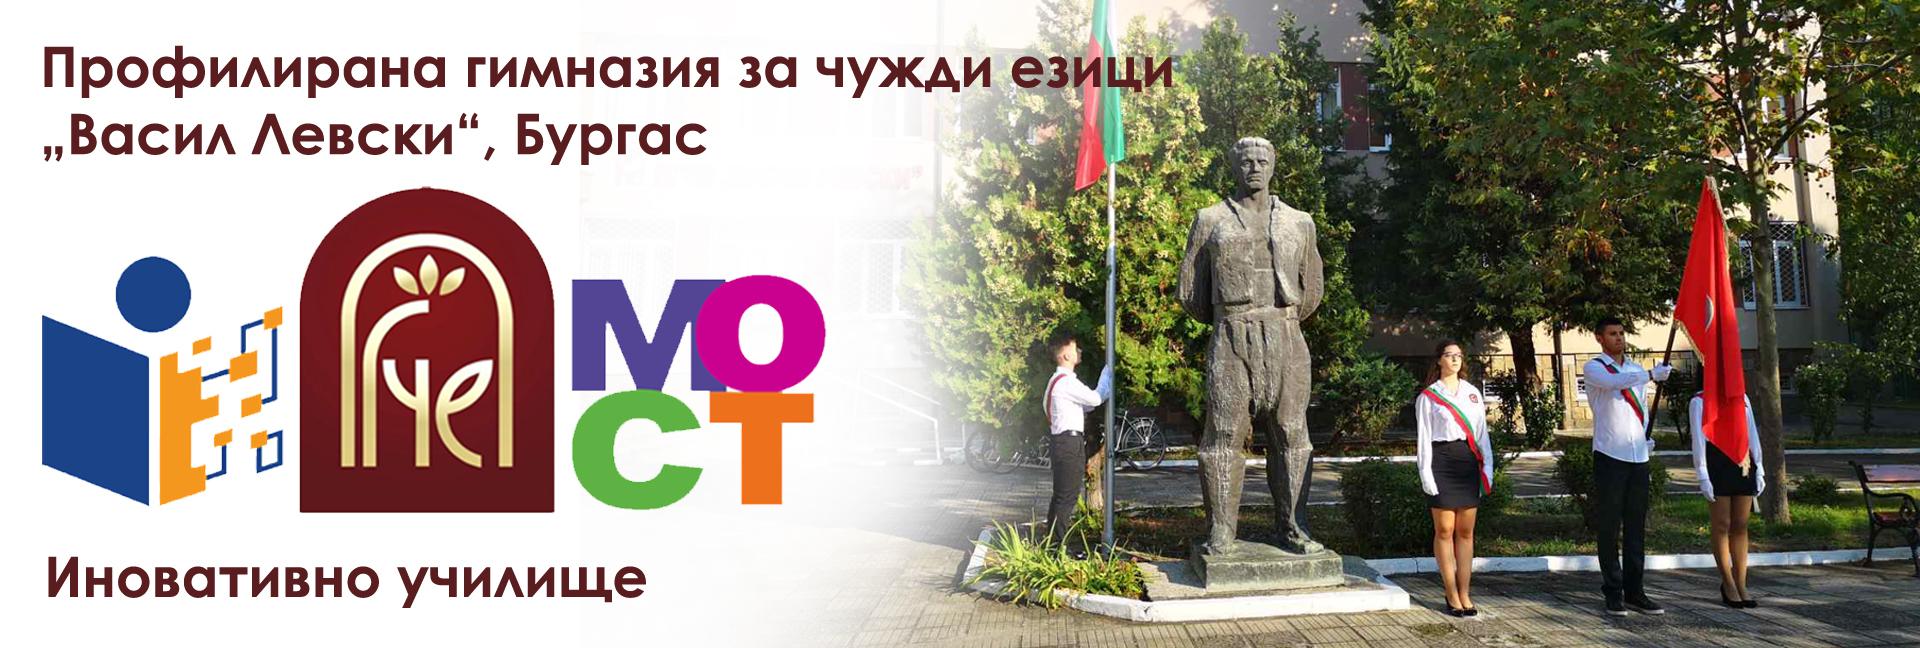 """Профилирана гимназия за чужди езици """"Васил Левски"""""""